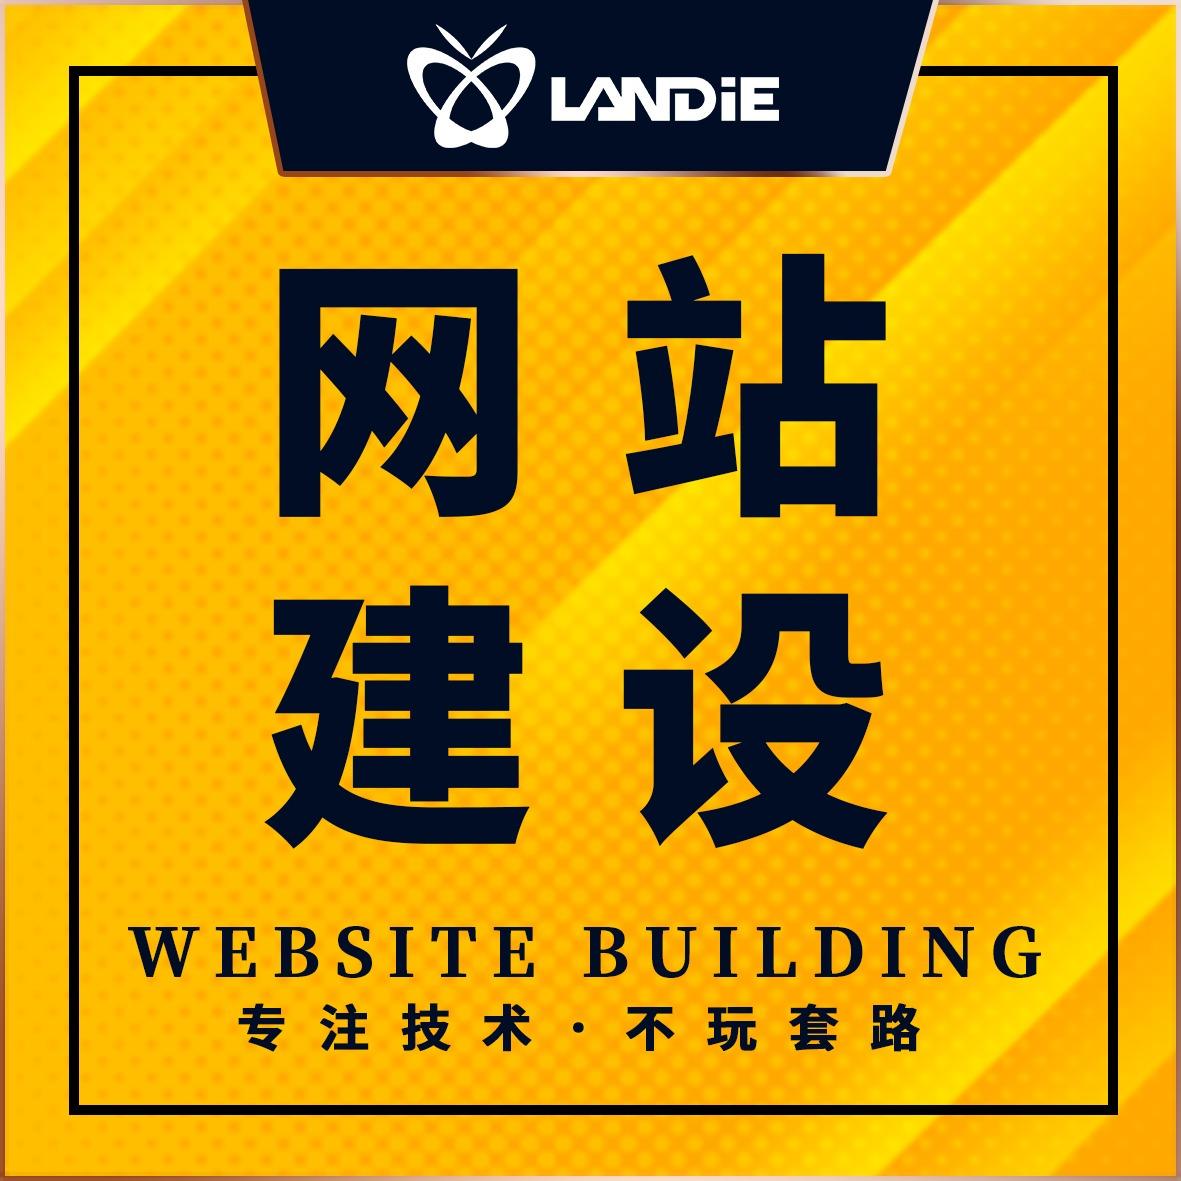 公司网站定制官网定制网站开发网站建设企业网站定制网站开发定制